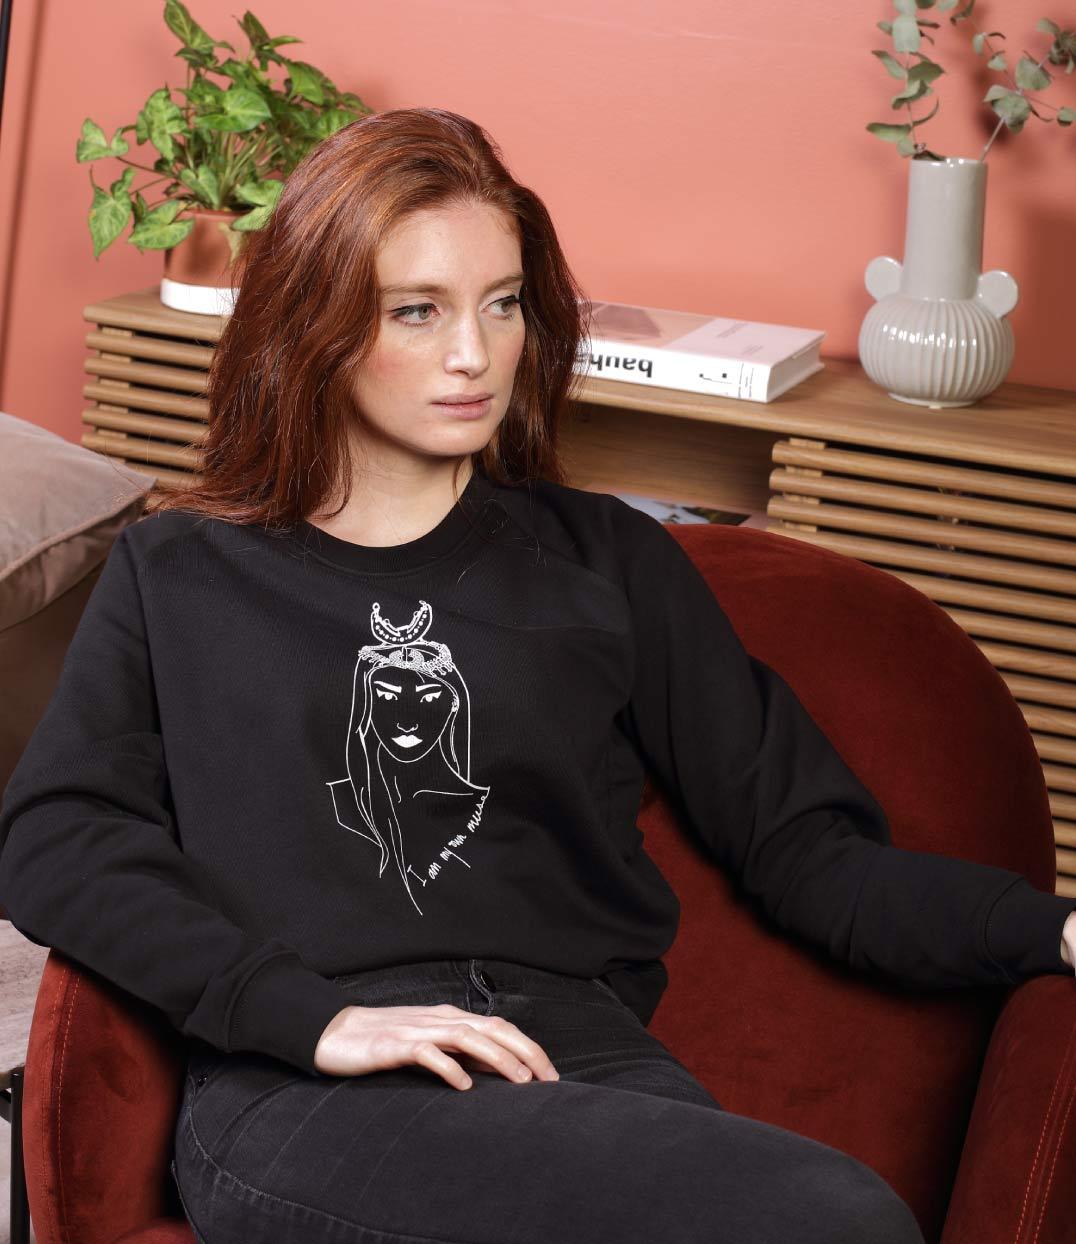 femme assise dans fauteuil qui porte un sweat coyoqui noir leonor roversi